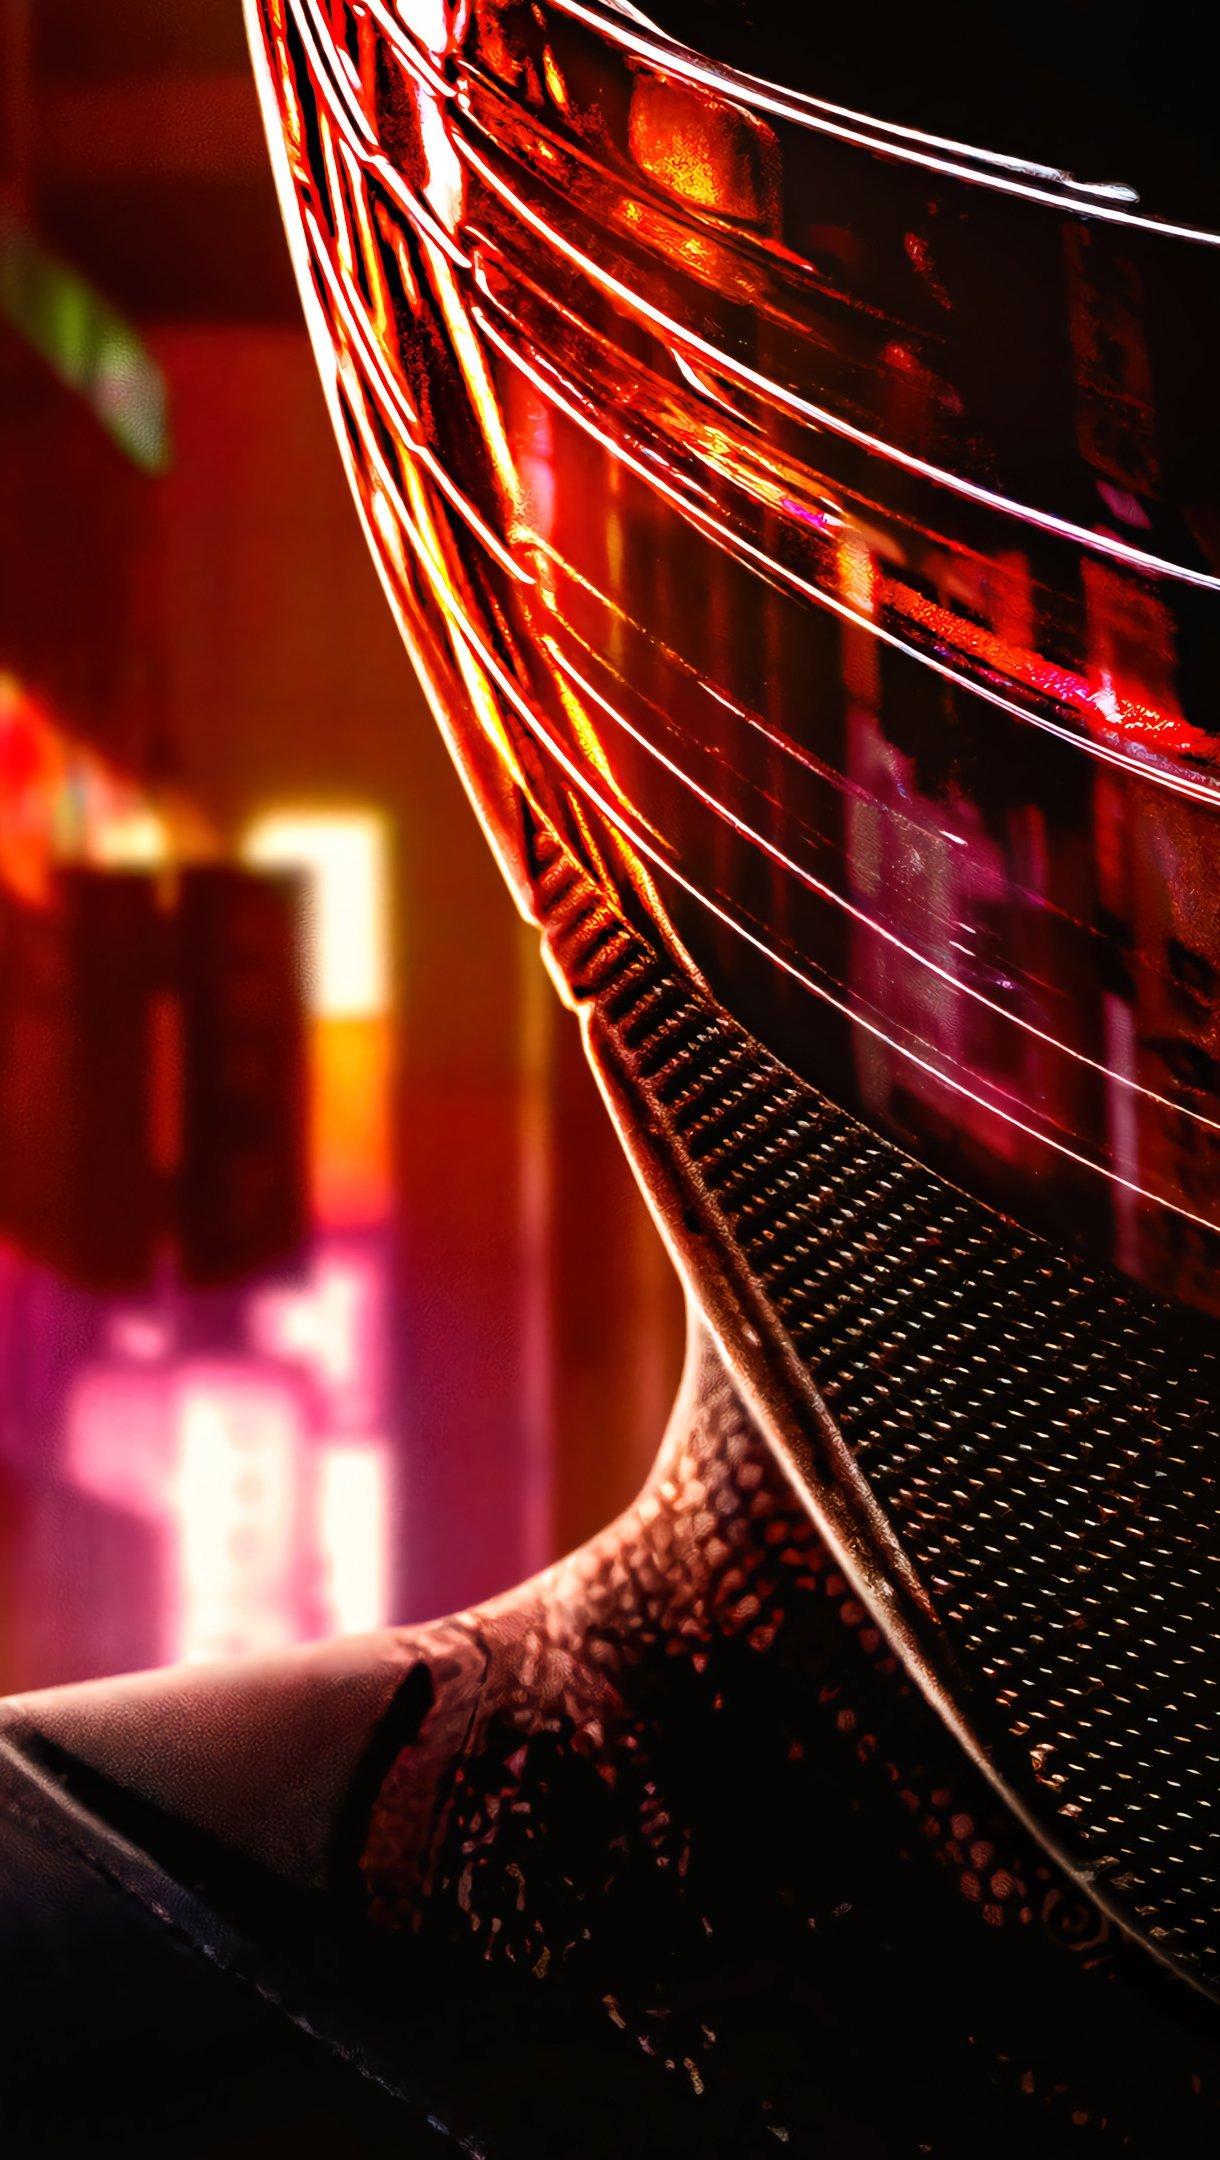 Wallpaper Snake Eyes Movie Poster Vertical